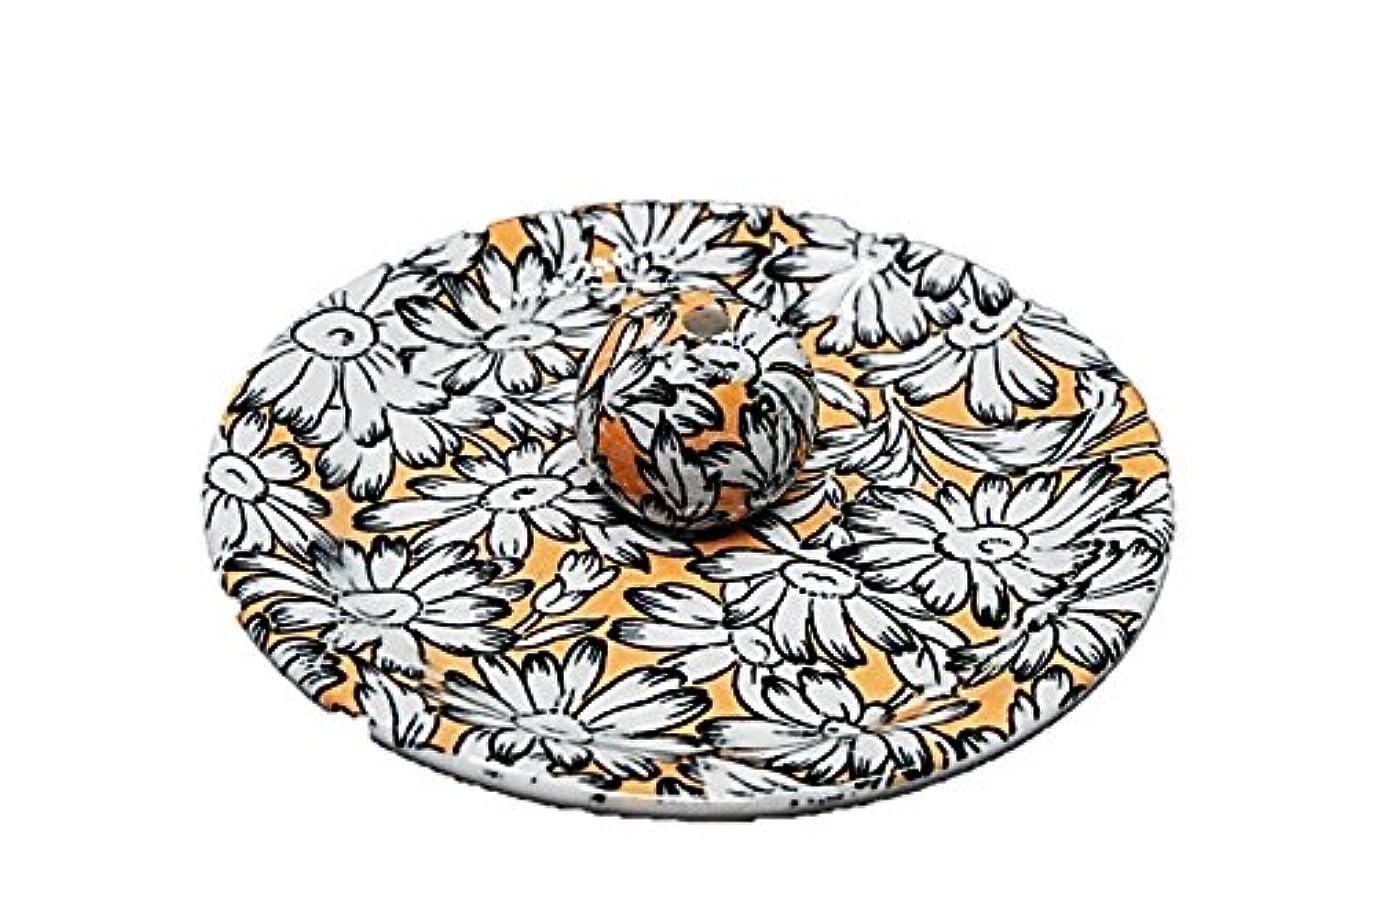 守る悪因子ロンドン9-31 マーガレット オレンジ 9cm香皿 お香立て お香たて 陶器 日本製 製造?直売品